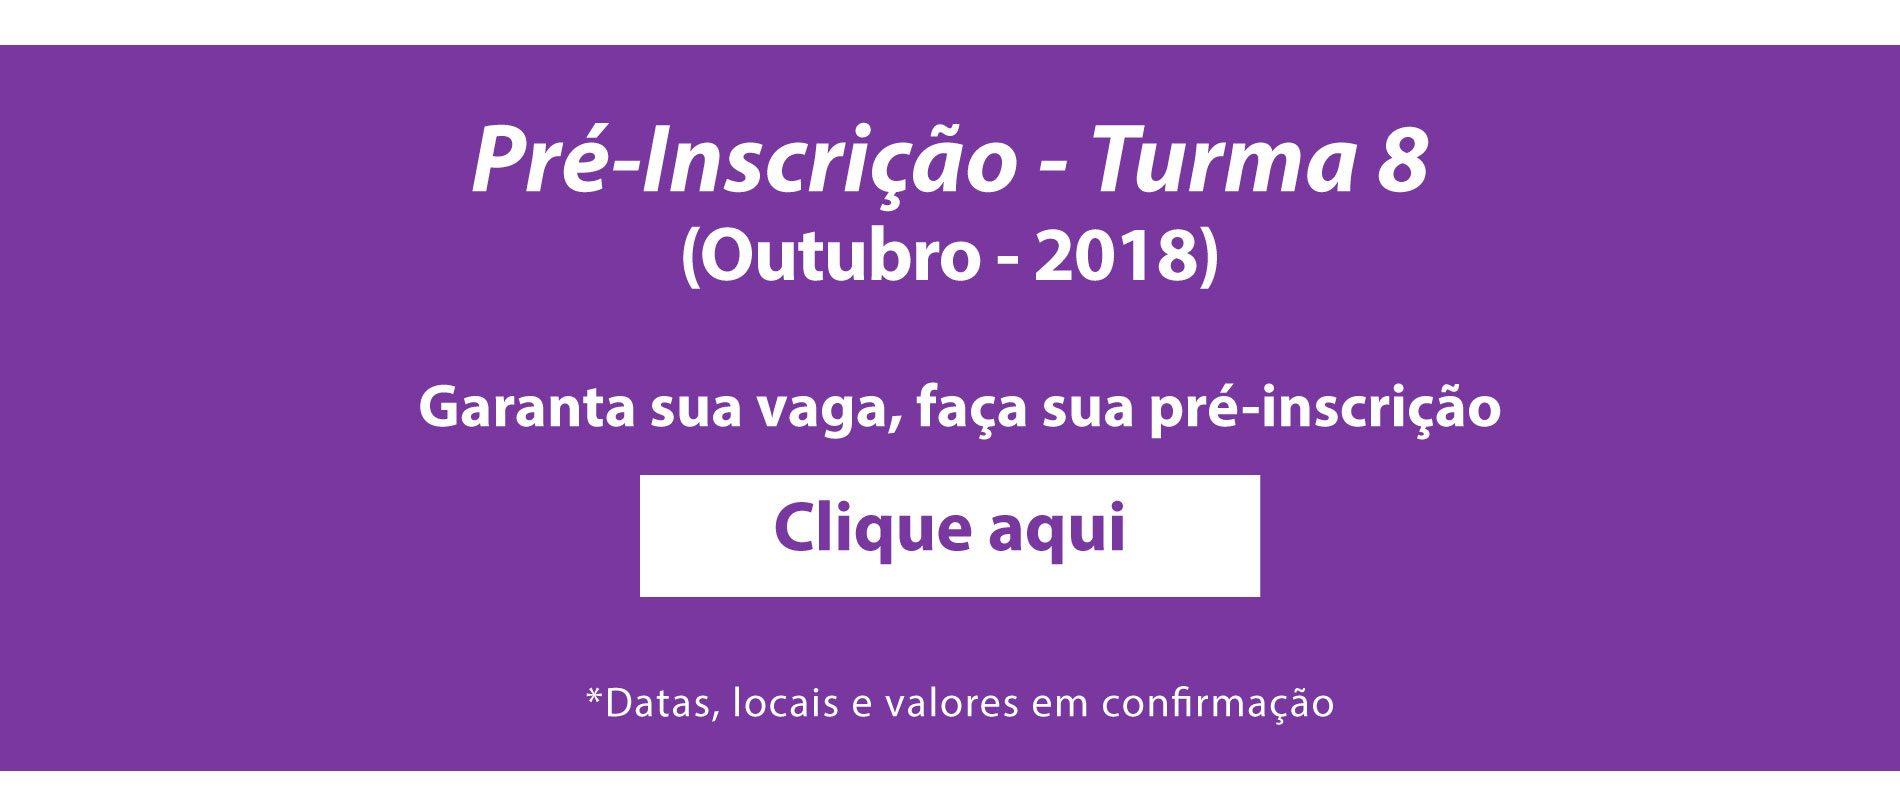 https://www.mestregp.com.br/wp-content/uploads/2016/10/Pagina-Curso-Cultura-pt6-1900x802.jpg